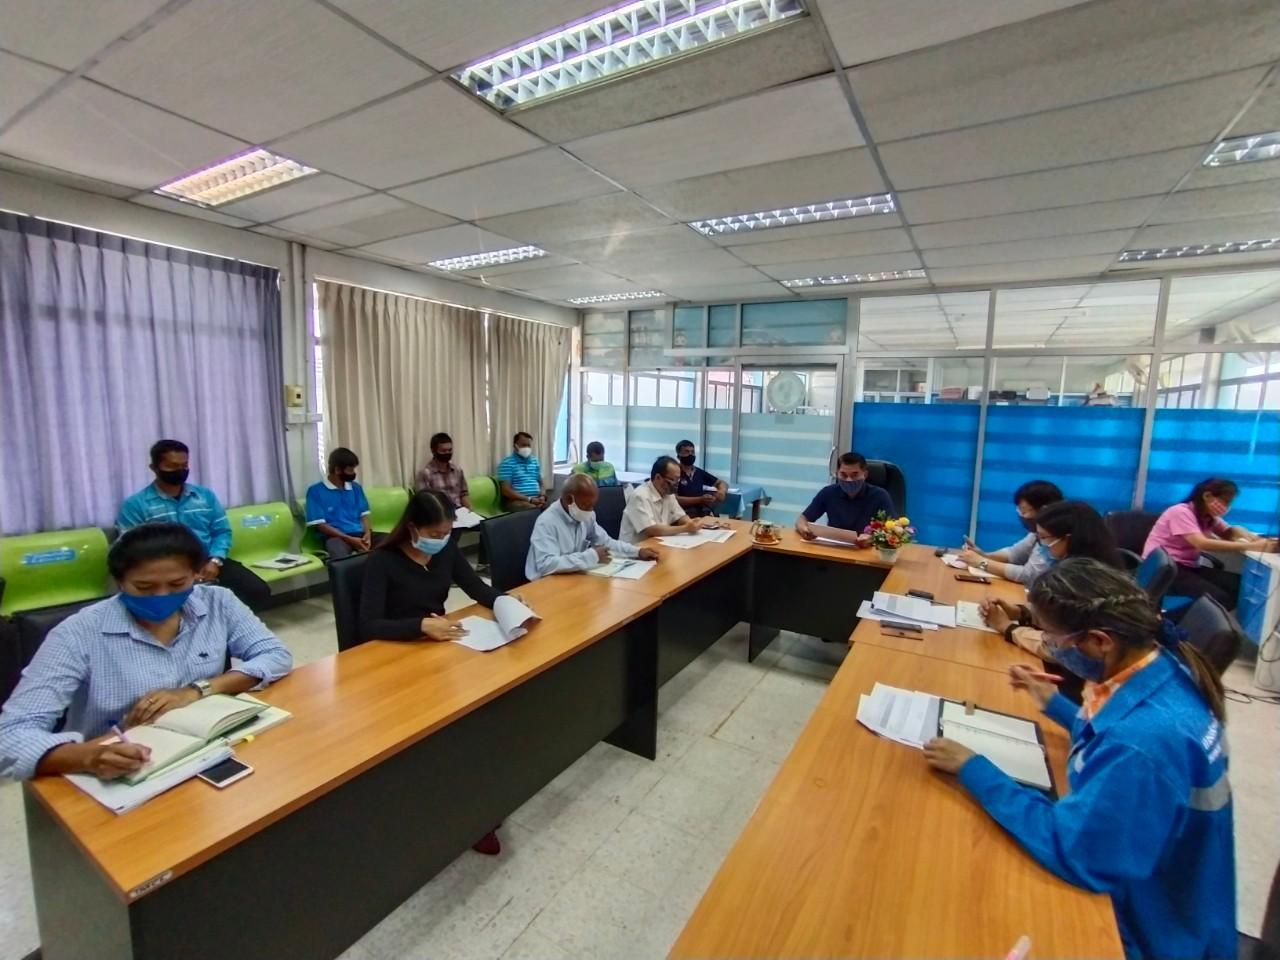 การประปาส่วนภูมิภาคสาขาทุ่งสงจัดกิจกรรมสนทนายามเช้า  (Morning Talk) ประจำเดือน พฤษภาคม 2563